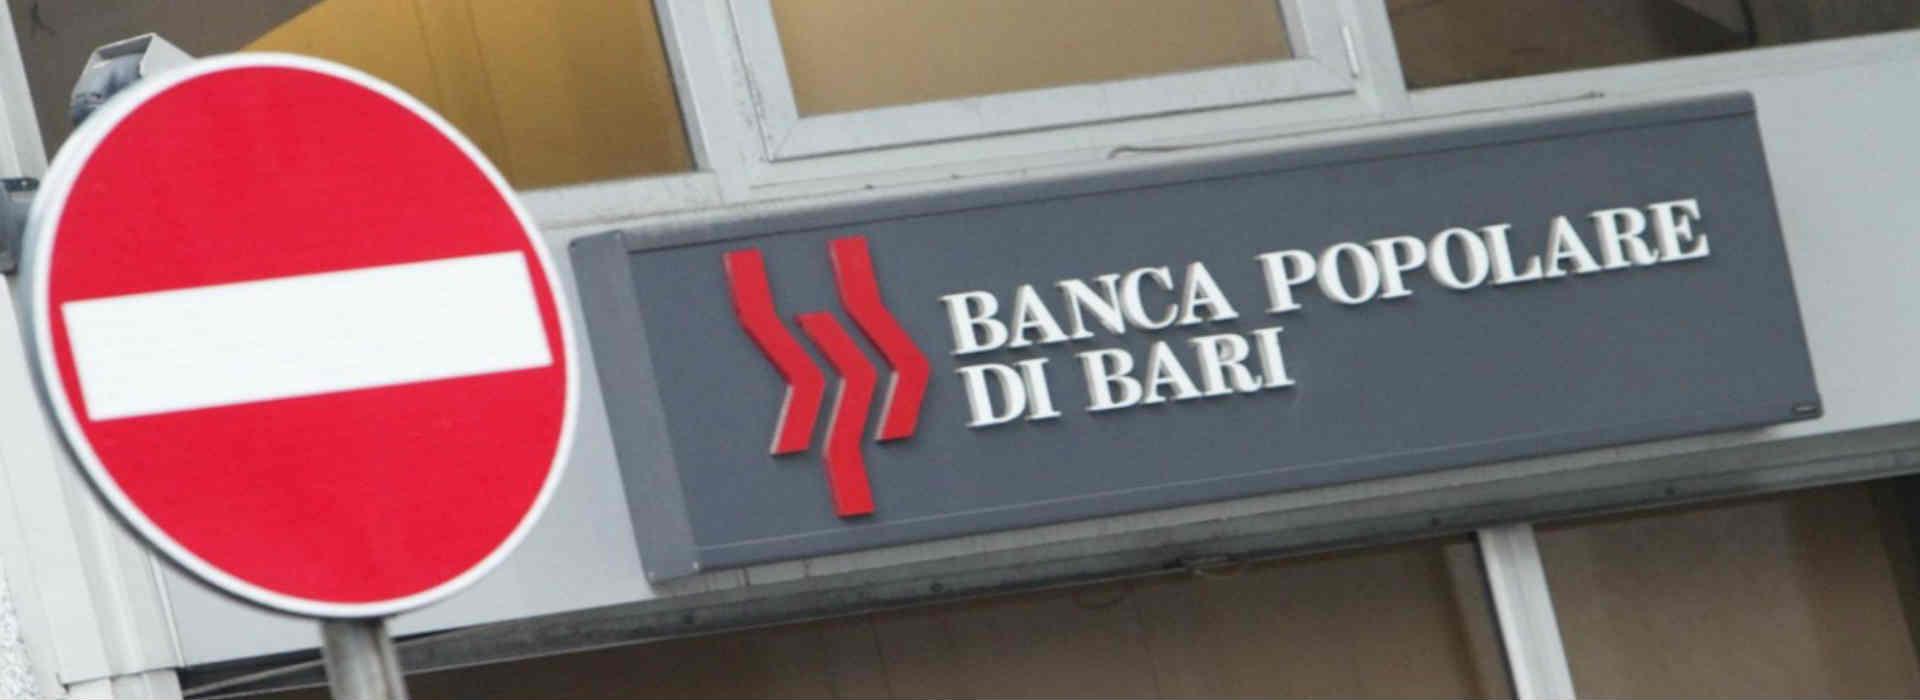 Popolare di Bari: l'affare Tercas e le sofferenze da un milione di euro